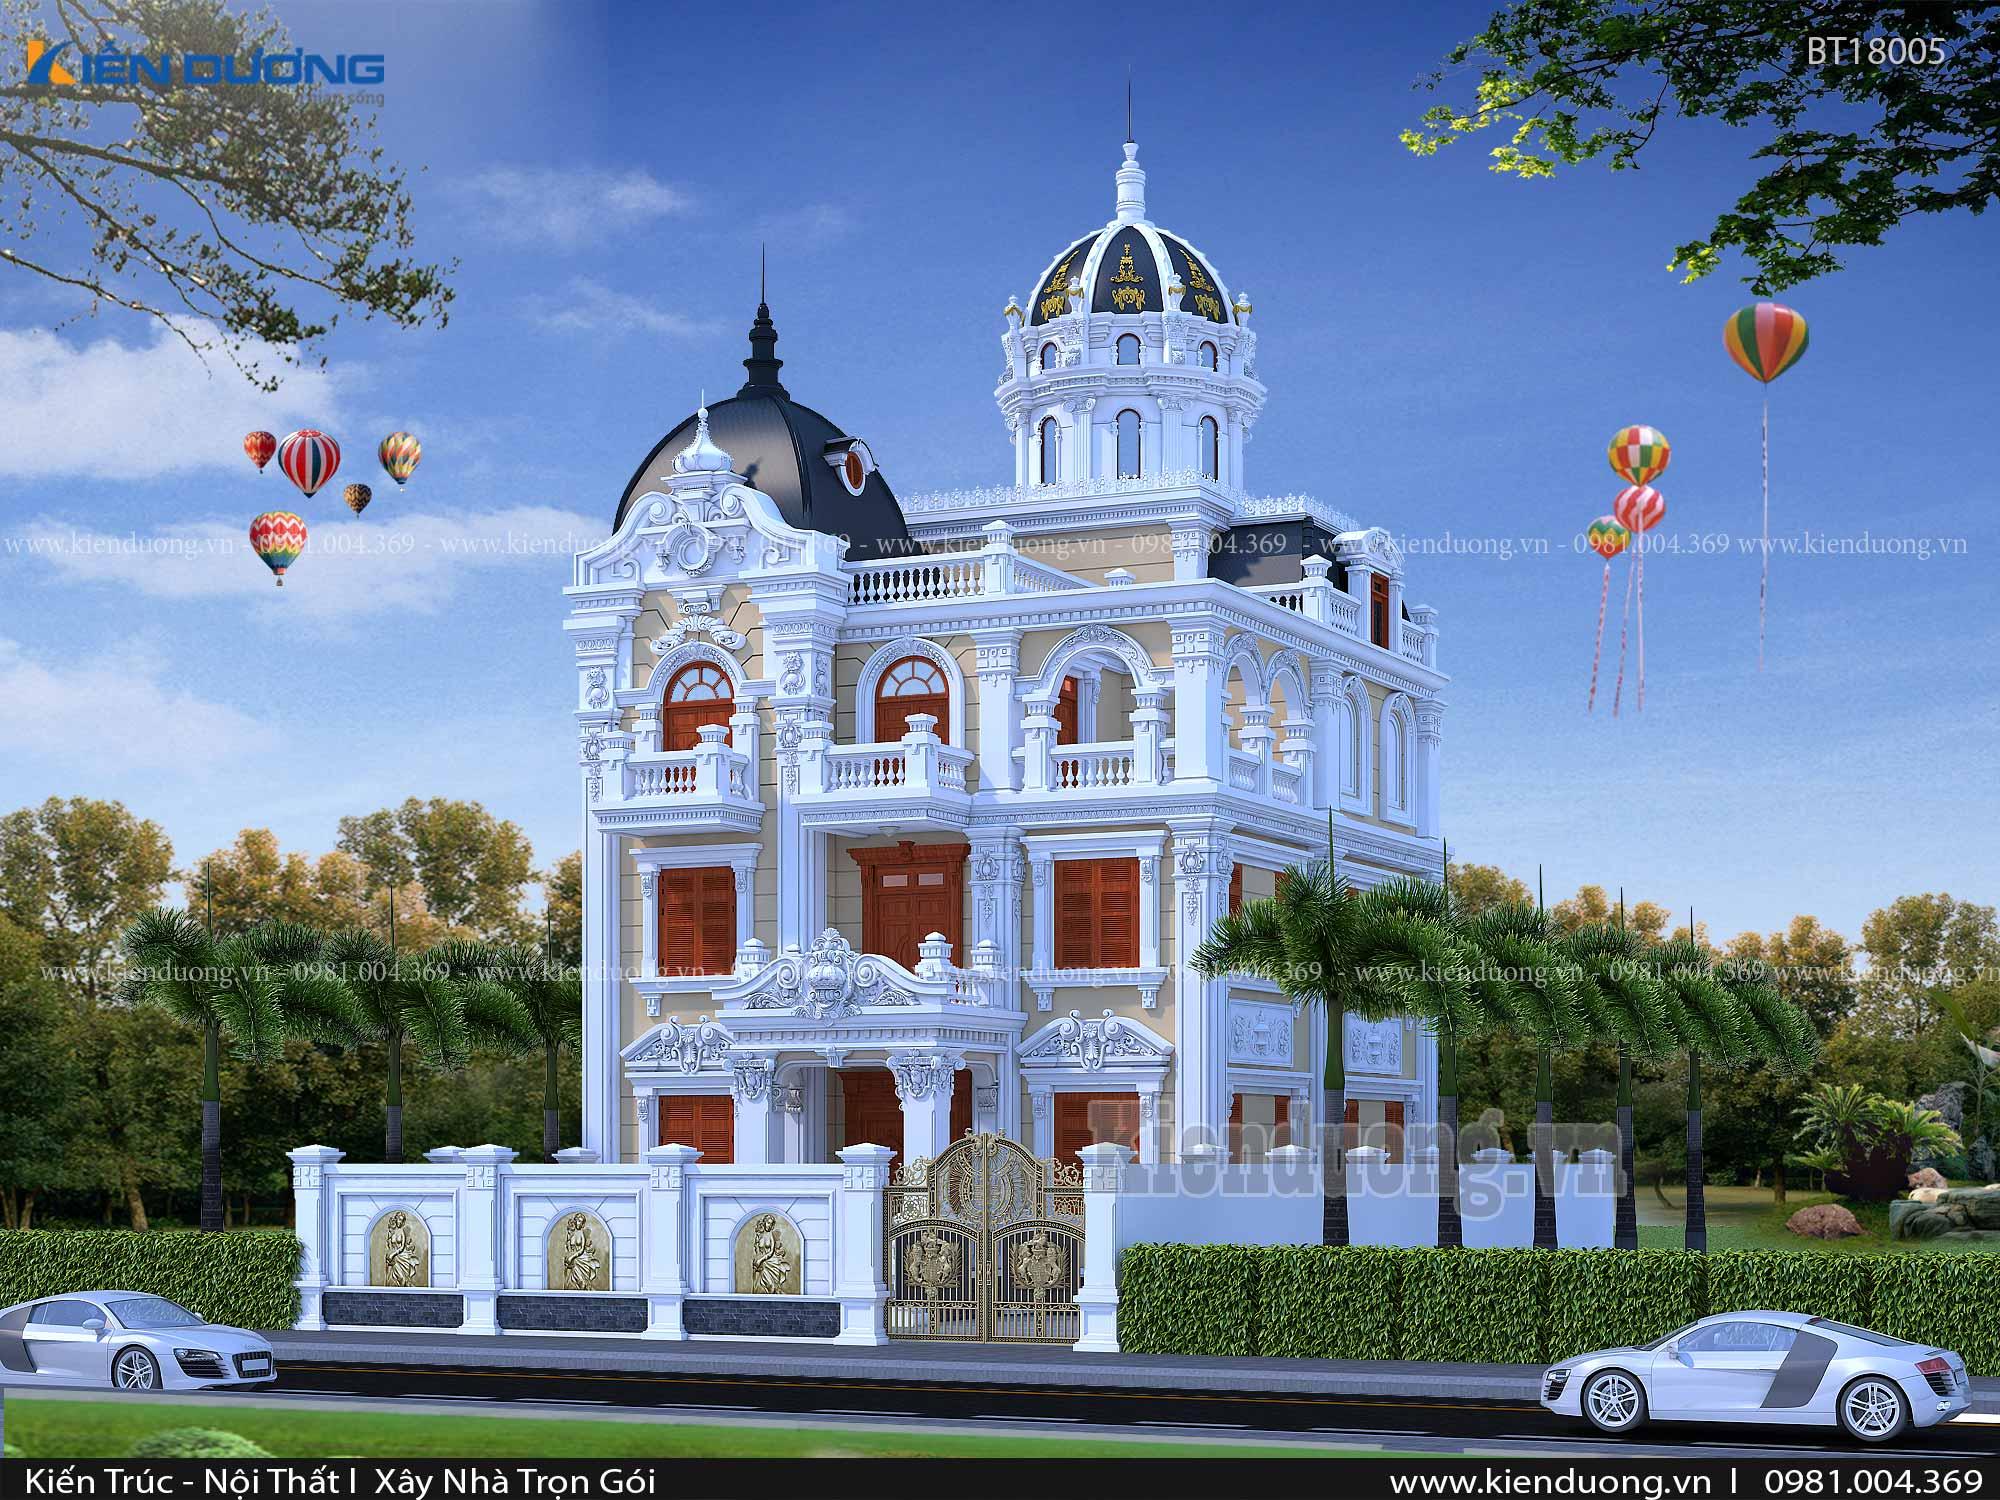 lâu đài kiểu pháp đẹp